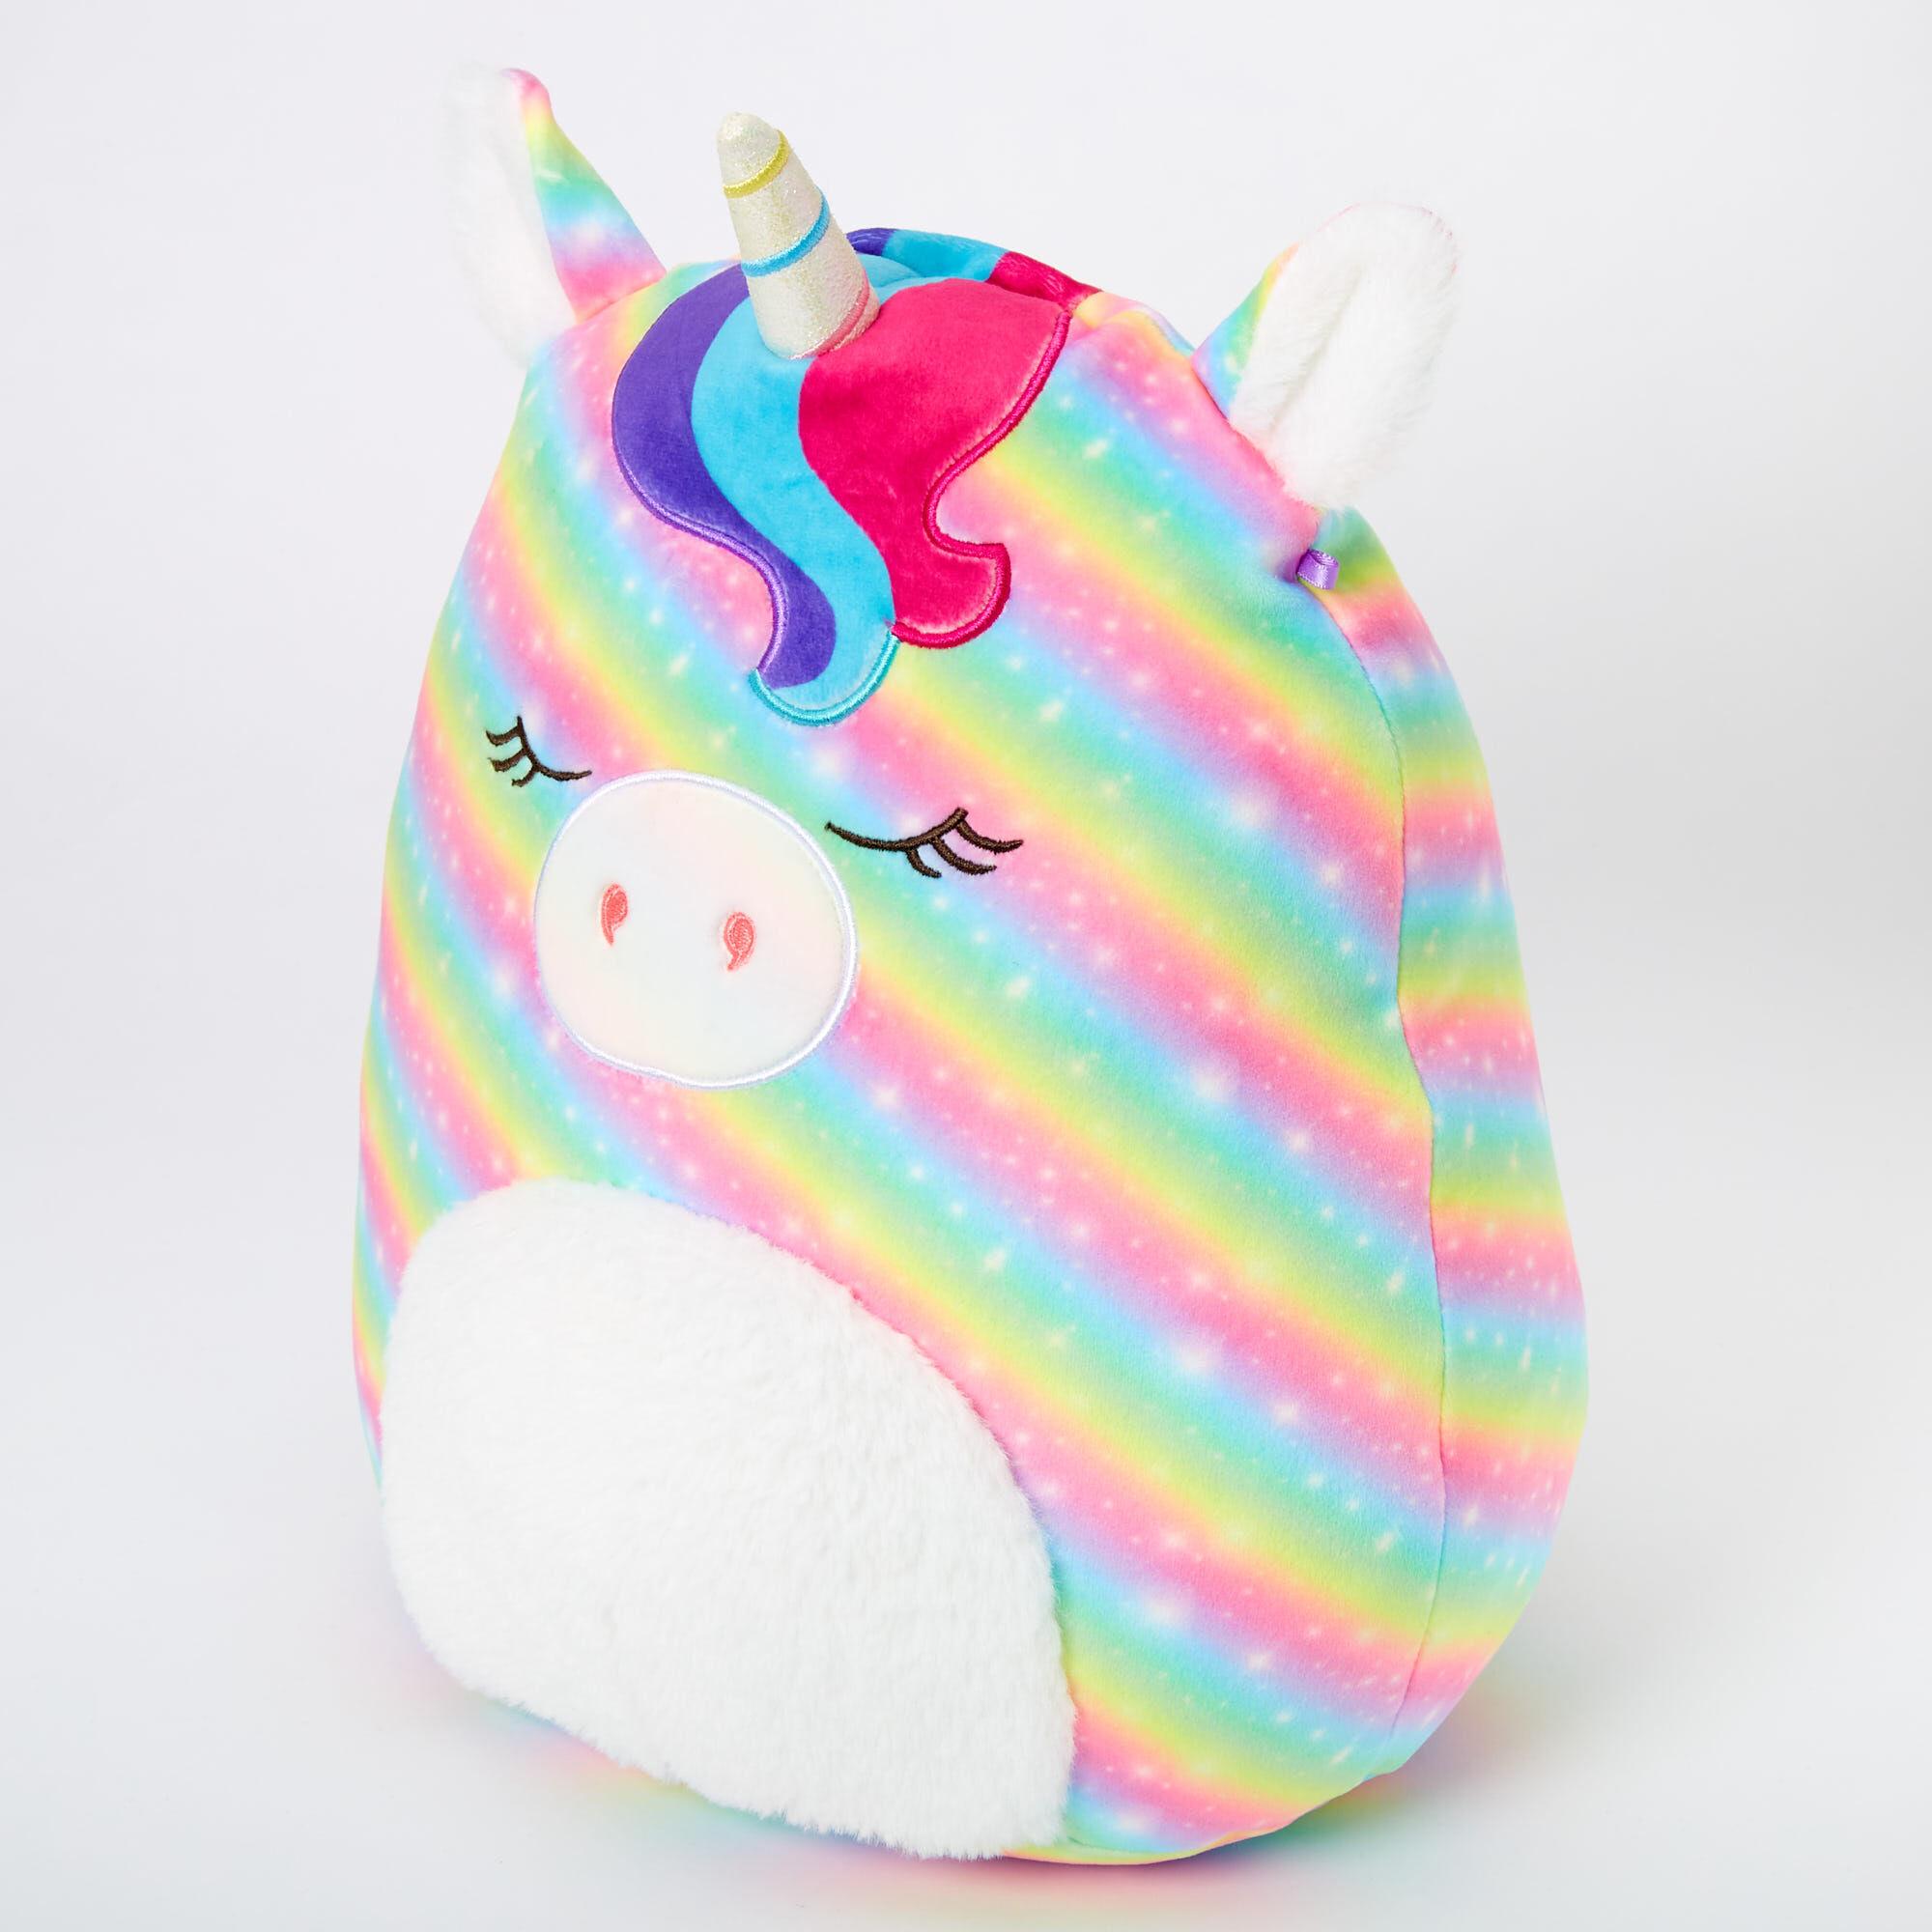 squishmallows 12 claire s unicorn plush toy